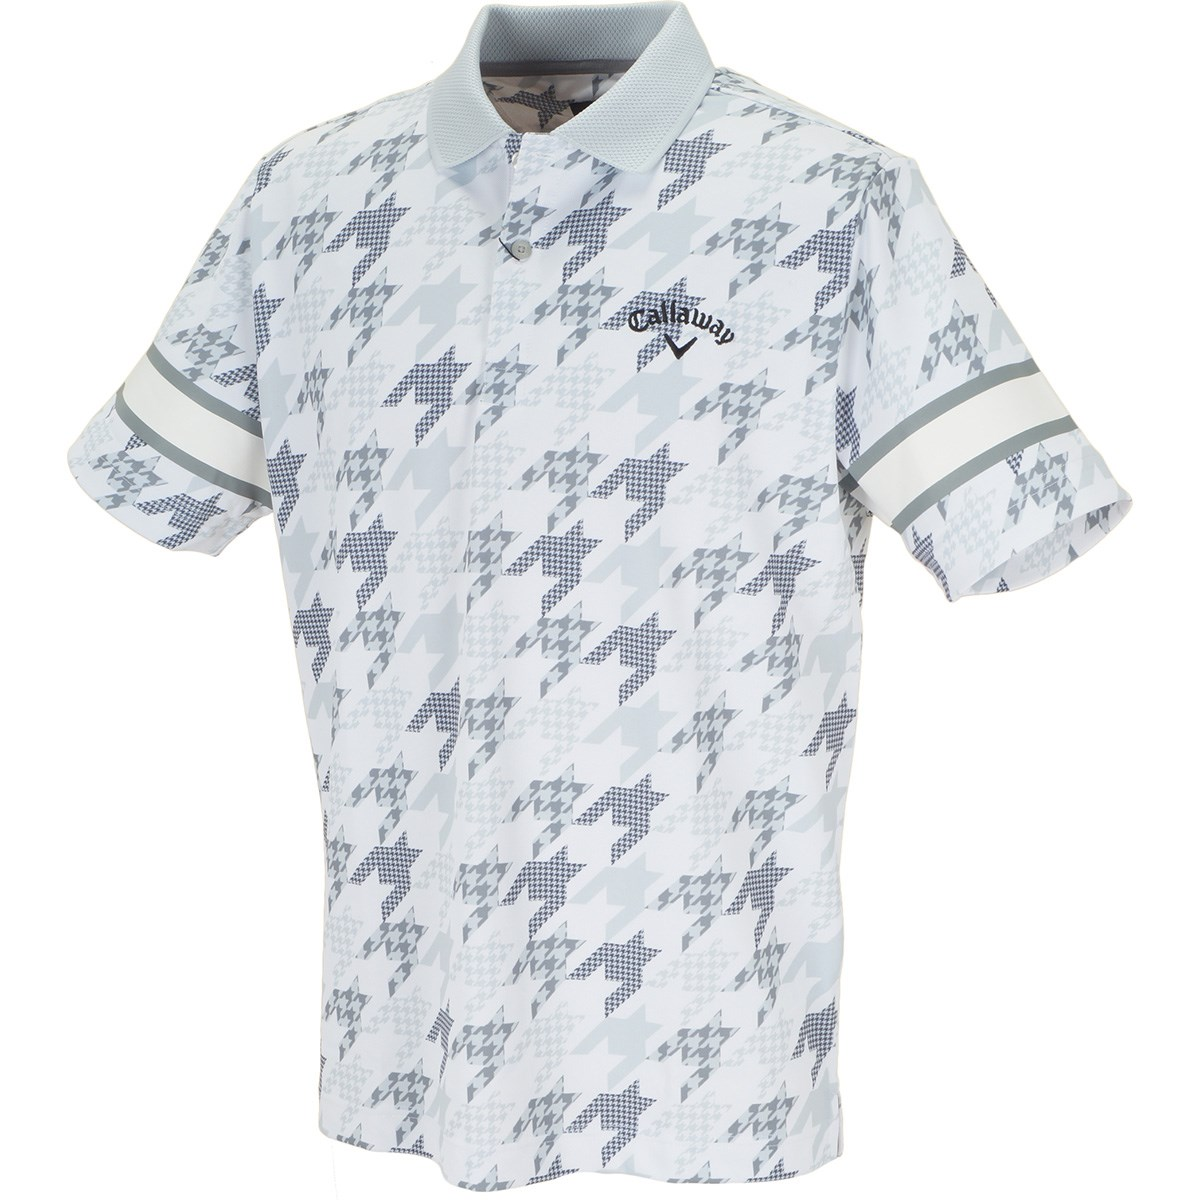 キャロウェイゴルフ(Callaway Golf) 千鳥プリント クールドライ 半袖ポロシャツ